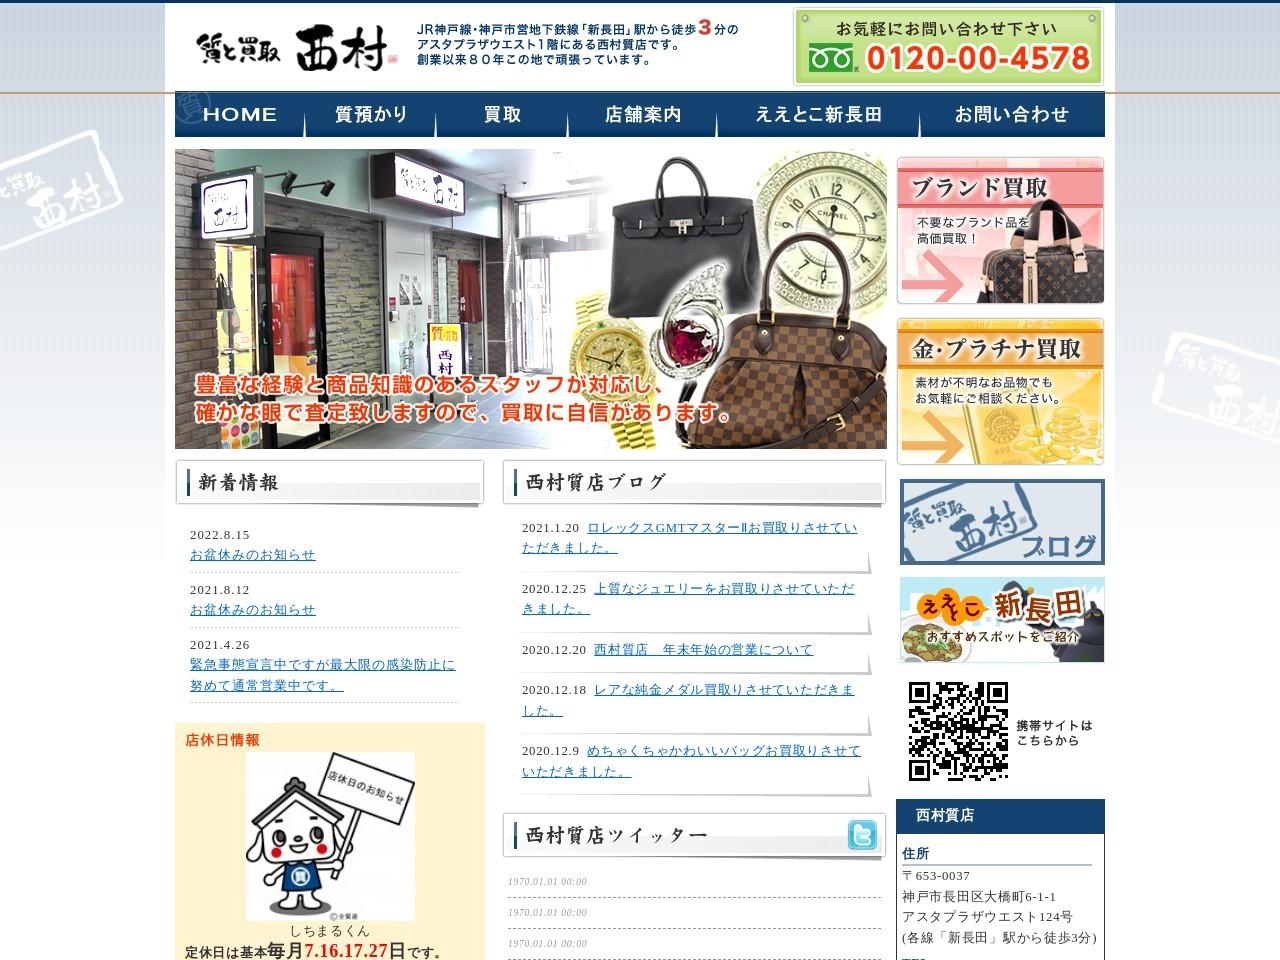 質屋 神戸 西村質店 神戸市長田区にある質屋 新長田駅より徒歩3分